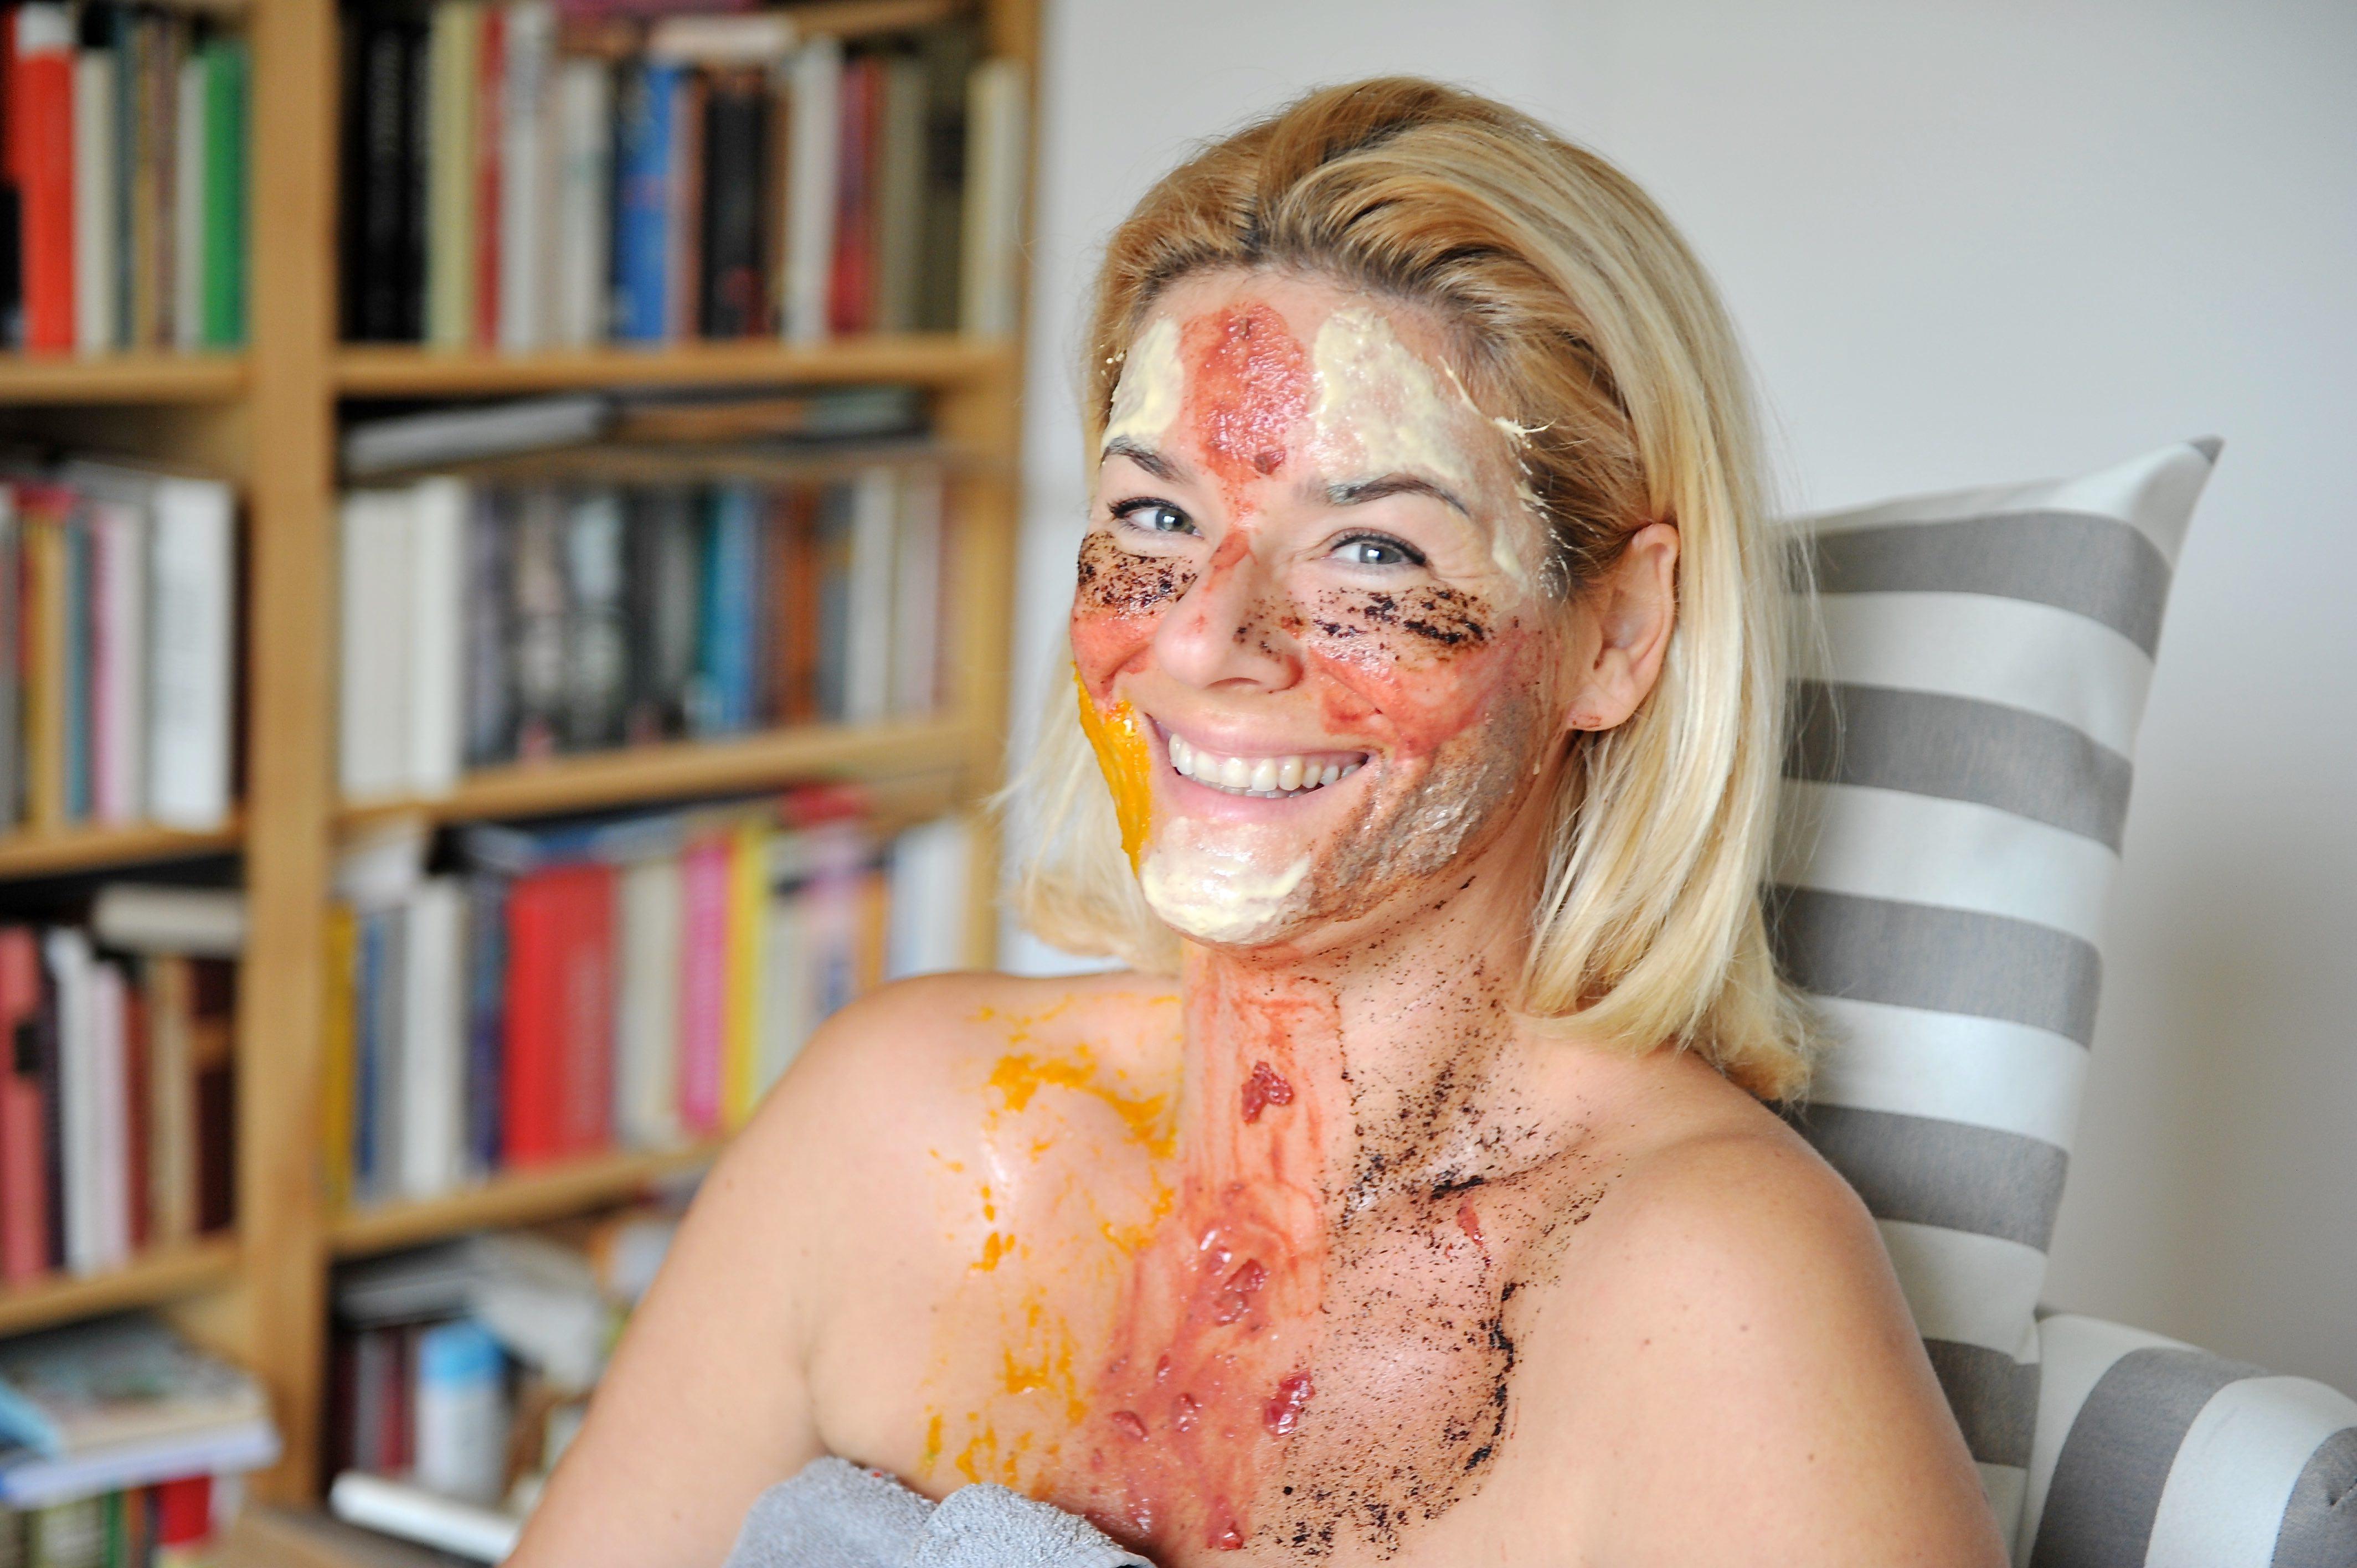 Frau mit Schönheitsmaske aus Lebensmittelresten